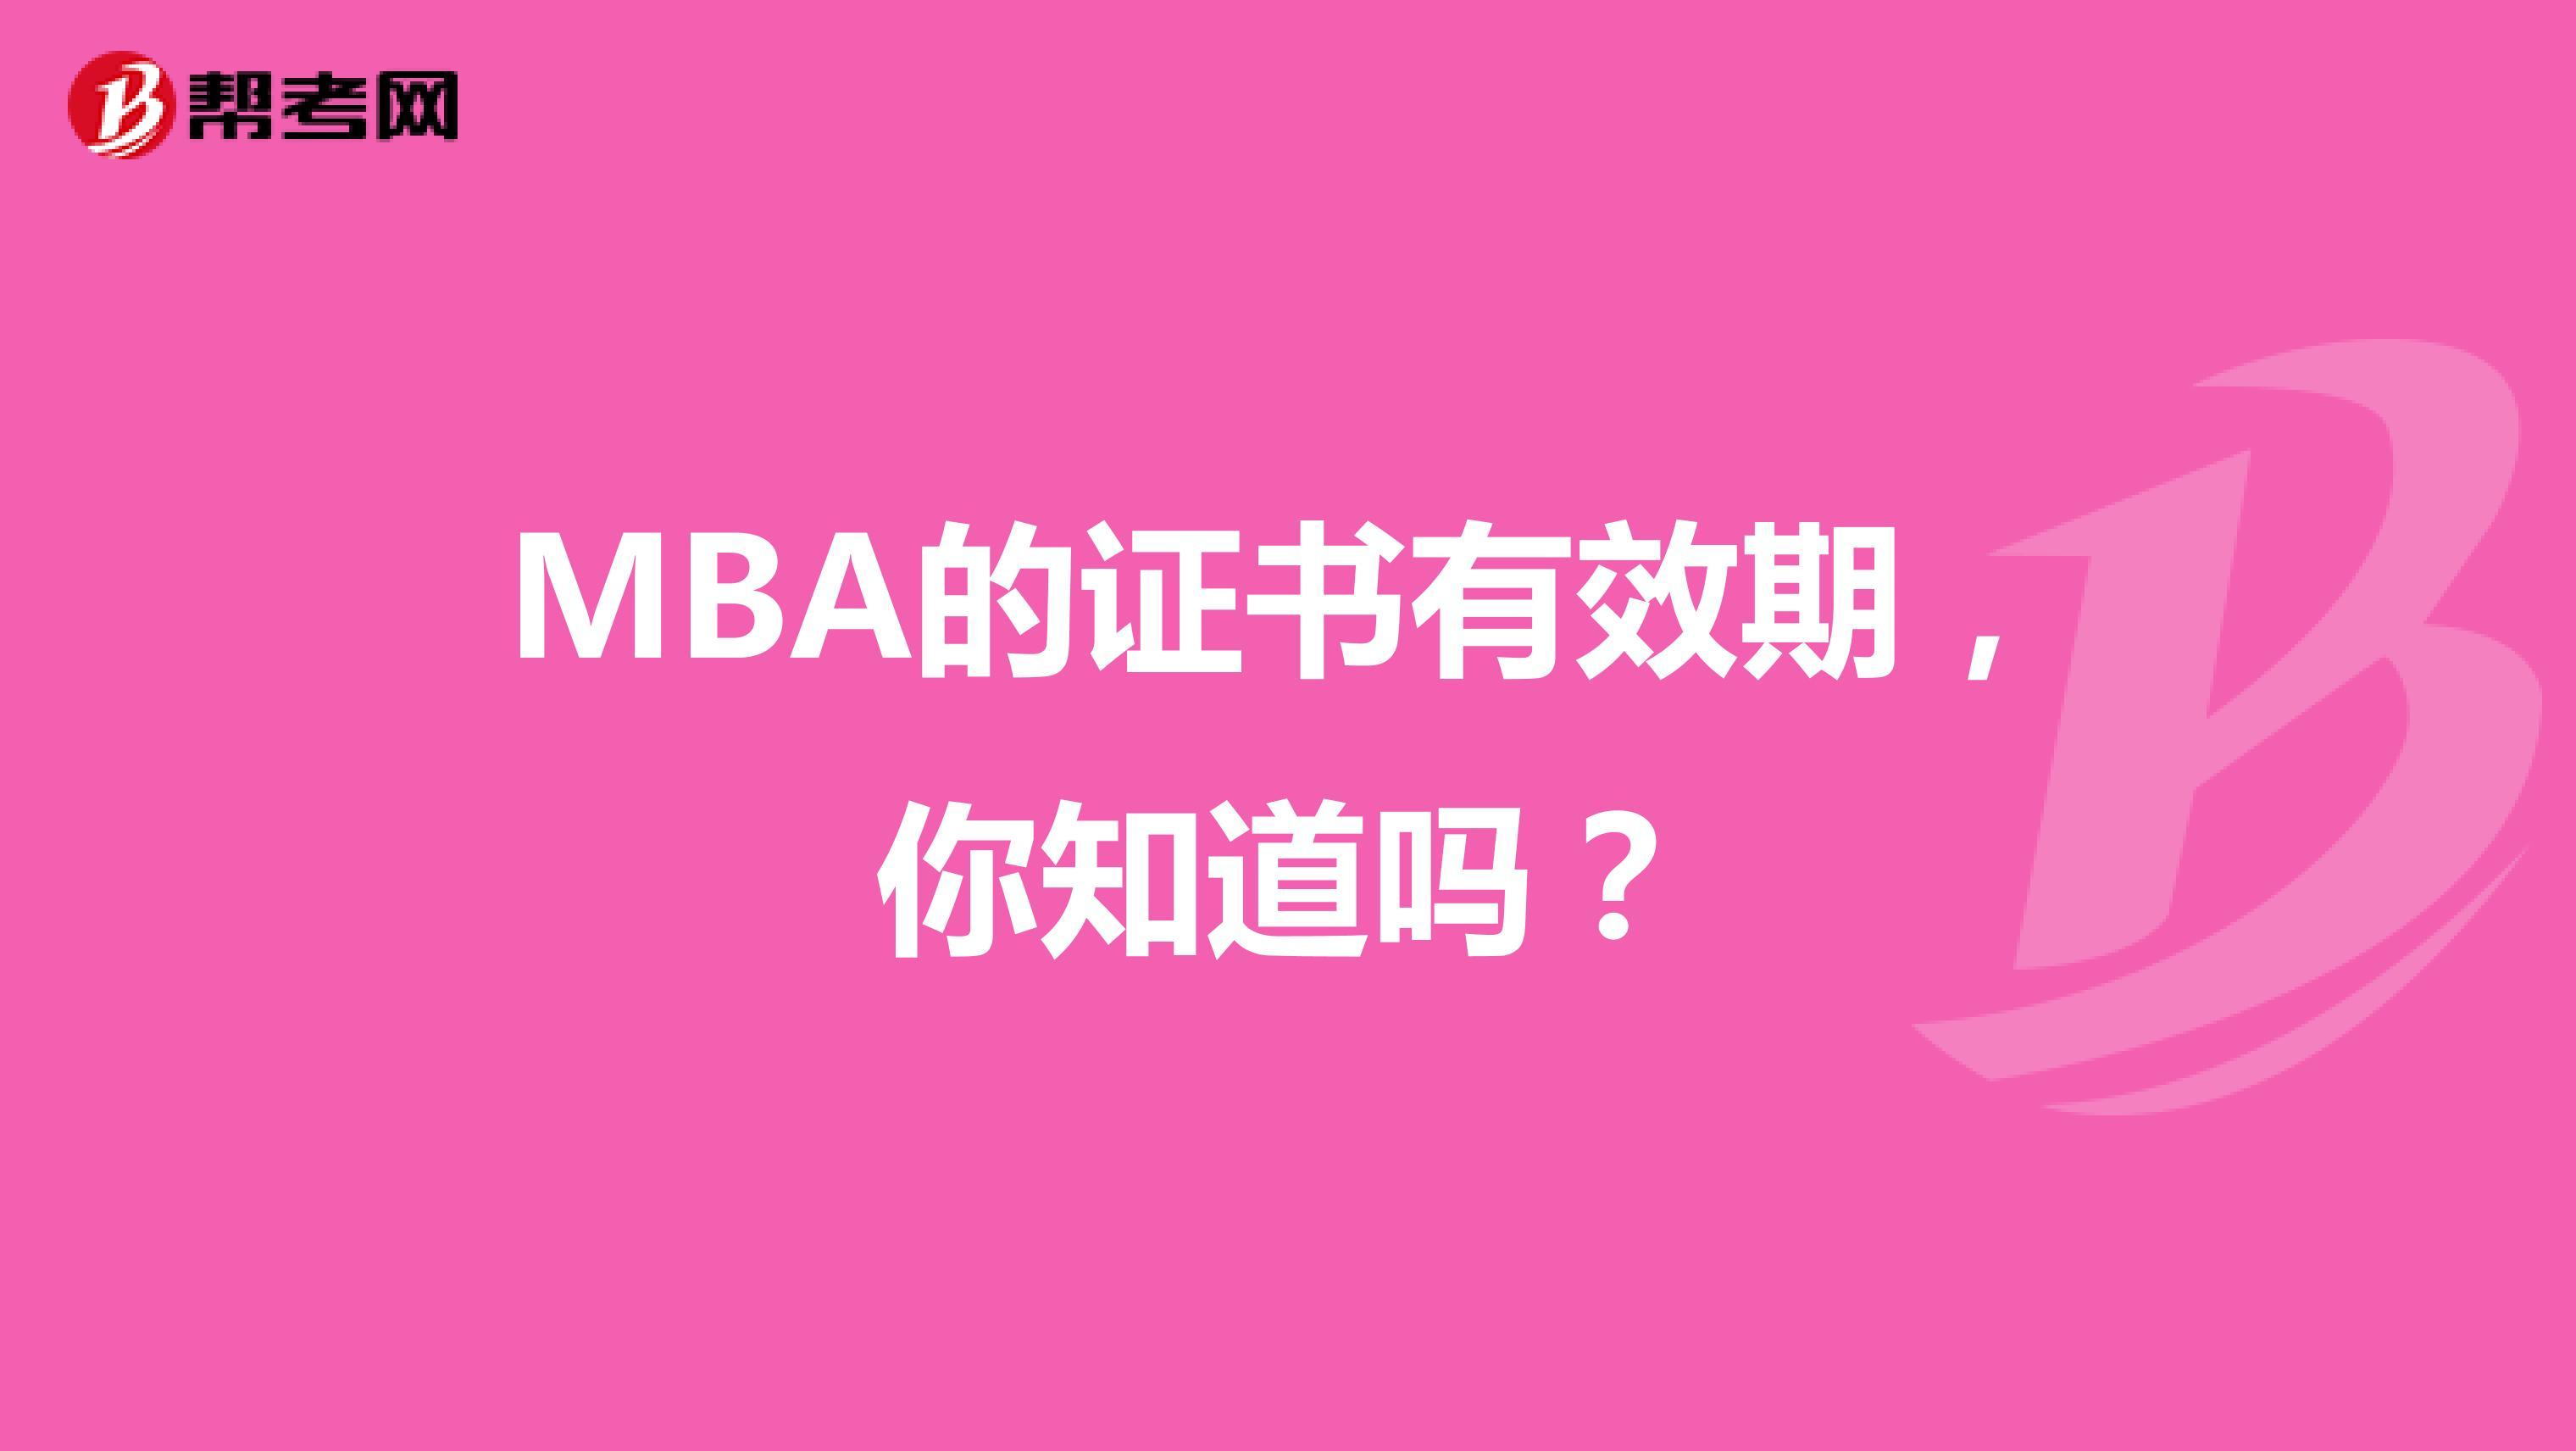 MBA的證書有效期,你知道嗎?